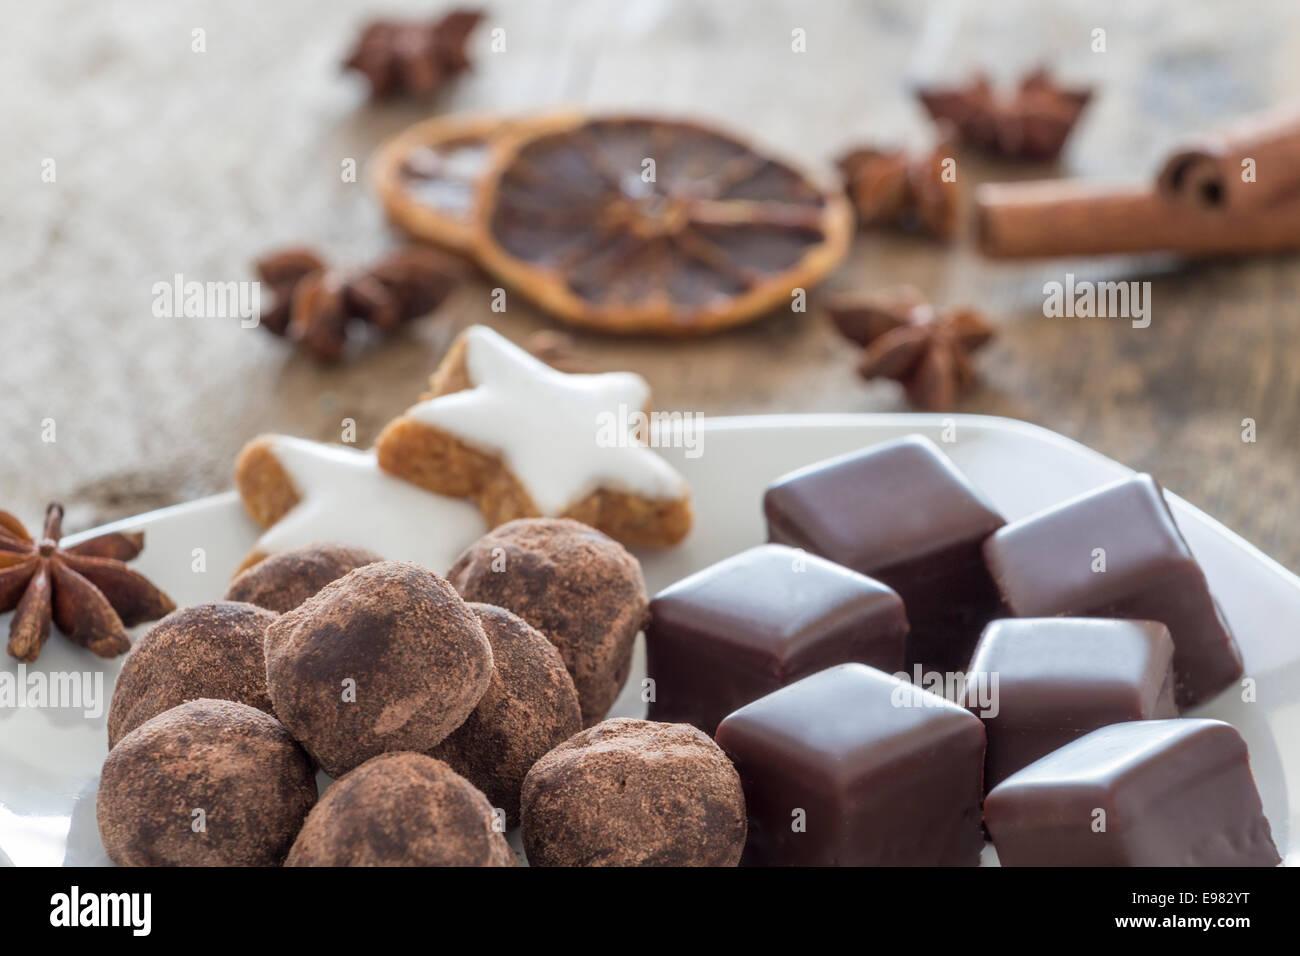 Traditionelles Weihnachtsgebäck.Traditionelles Weihnachtsgebäck Mit Schokolade Bedeckt Jelly